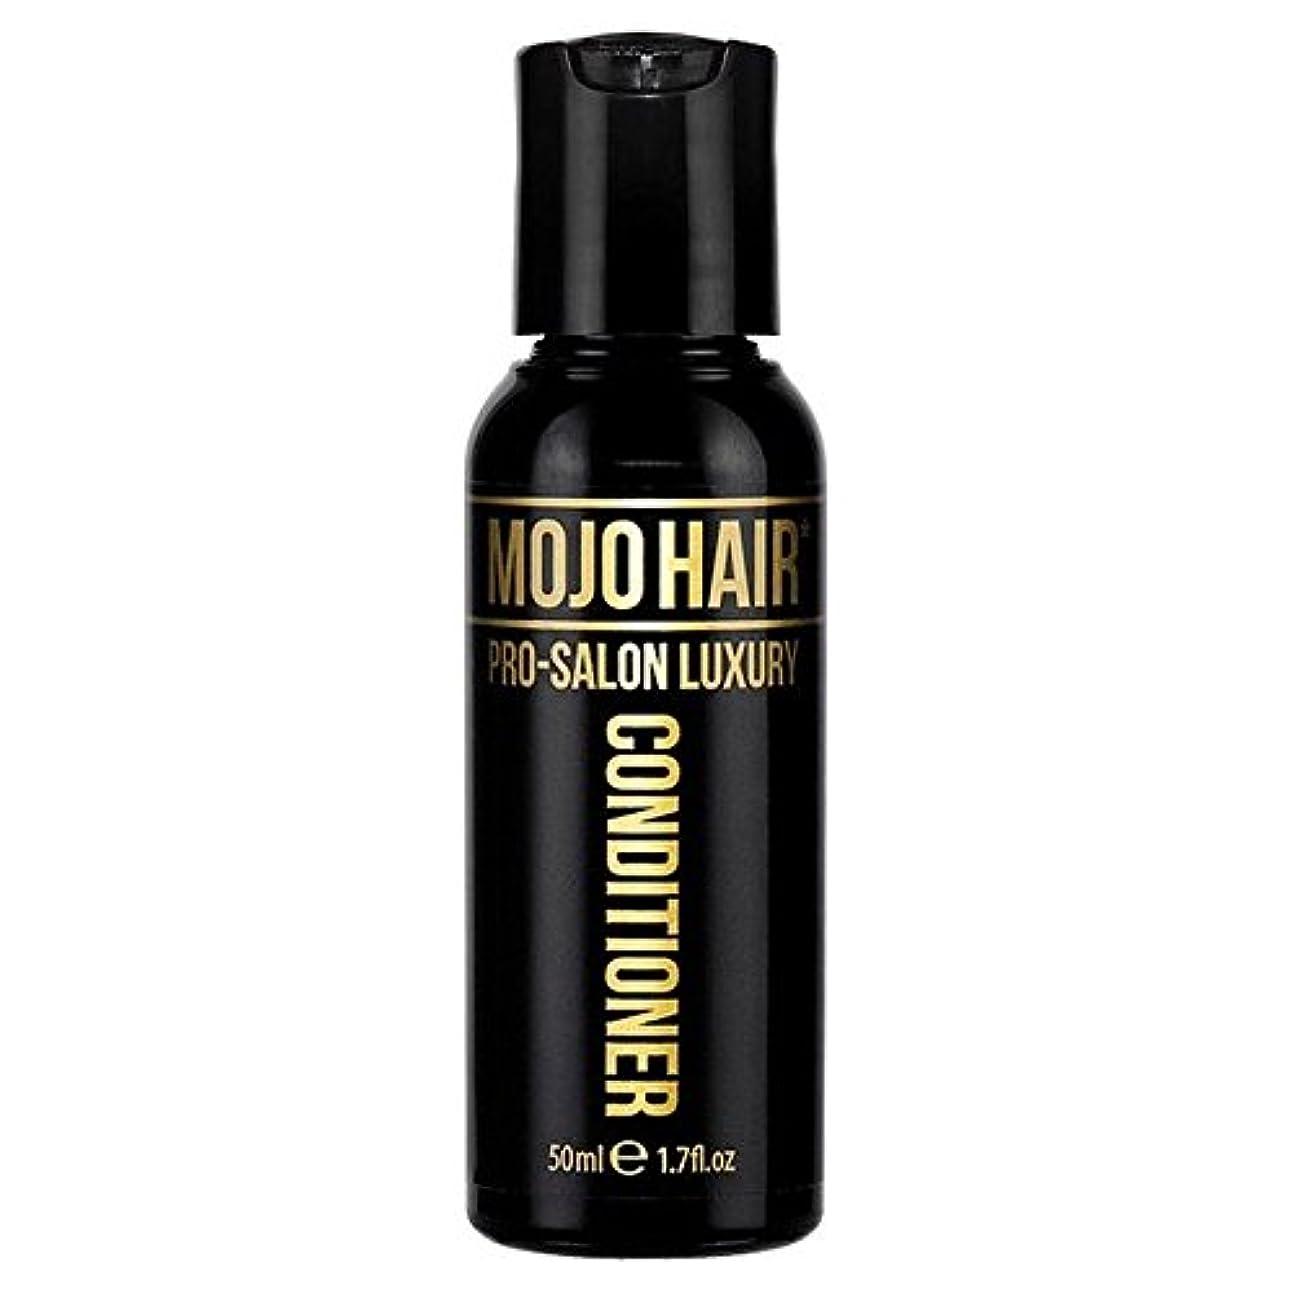 伝説起きて機動男性のためのモジョの毛プロのサロンの贅沢な香りコンディショナー、トラベルサイズの50ミリリットル x4 - MOJO HAIR Pro-Salon Luxury Fragrance Conditioner for Men, Travel Size 50ml (Pack of 4) [並行輸入品]